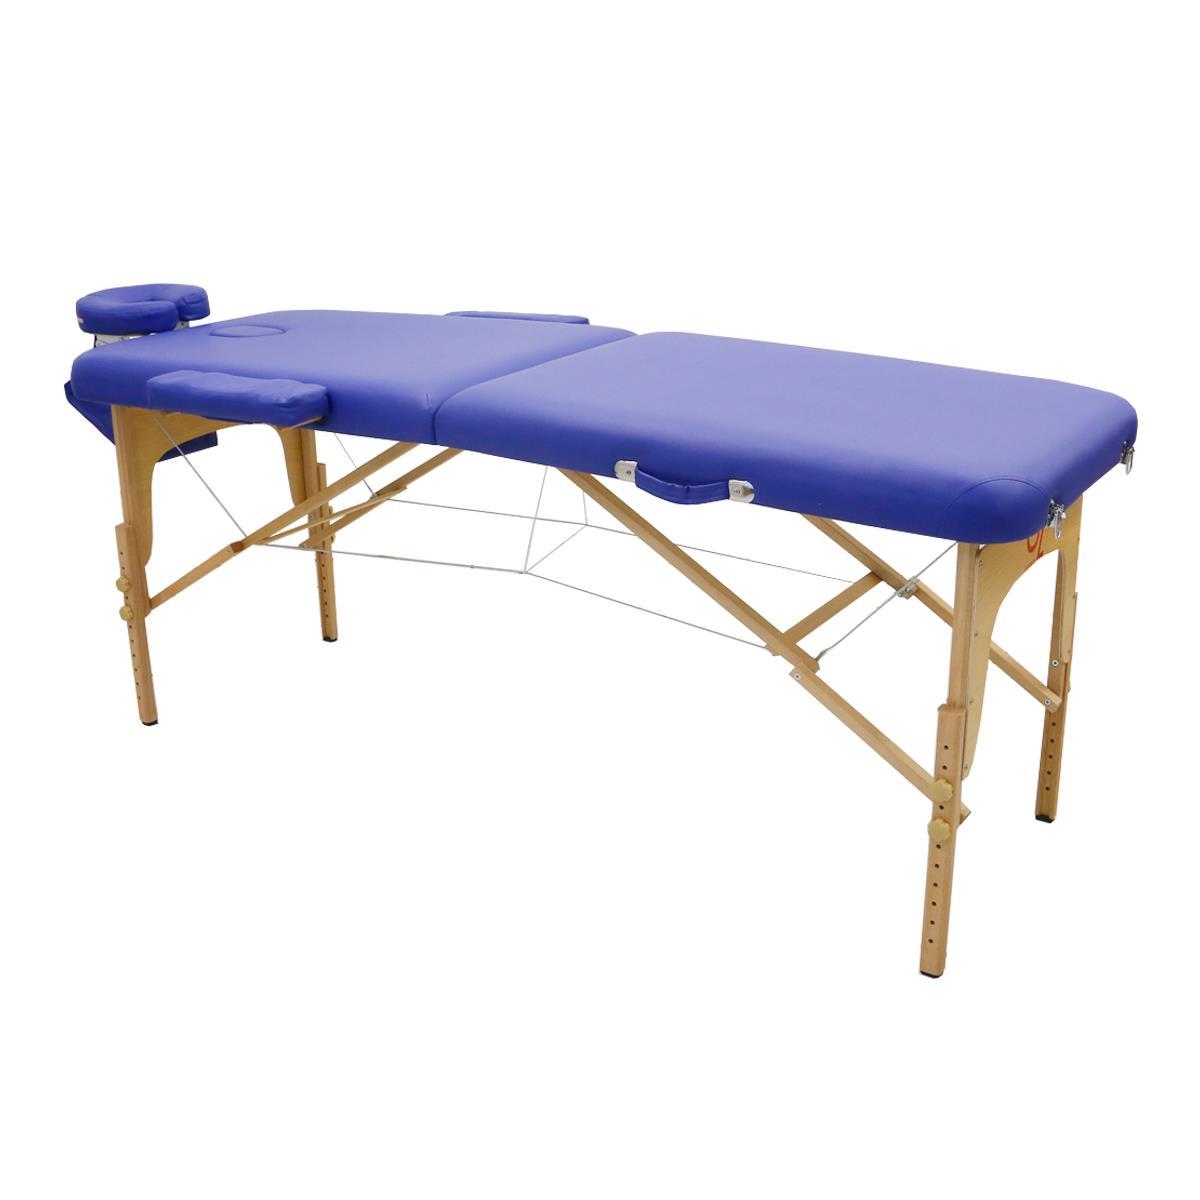 Maca De Massagem Portátil Com Altura Regulável E Bolsa Para Transporte Top - Goldlife